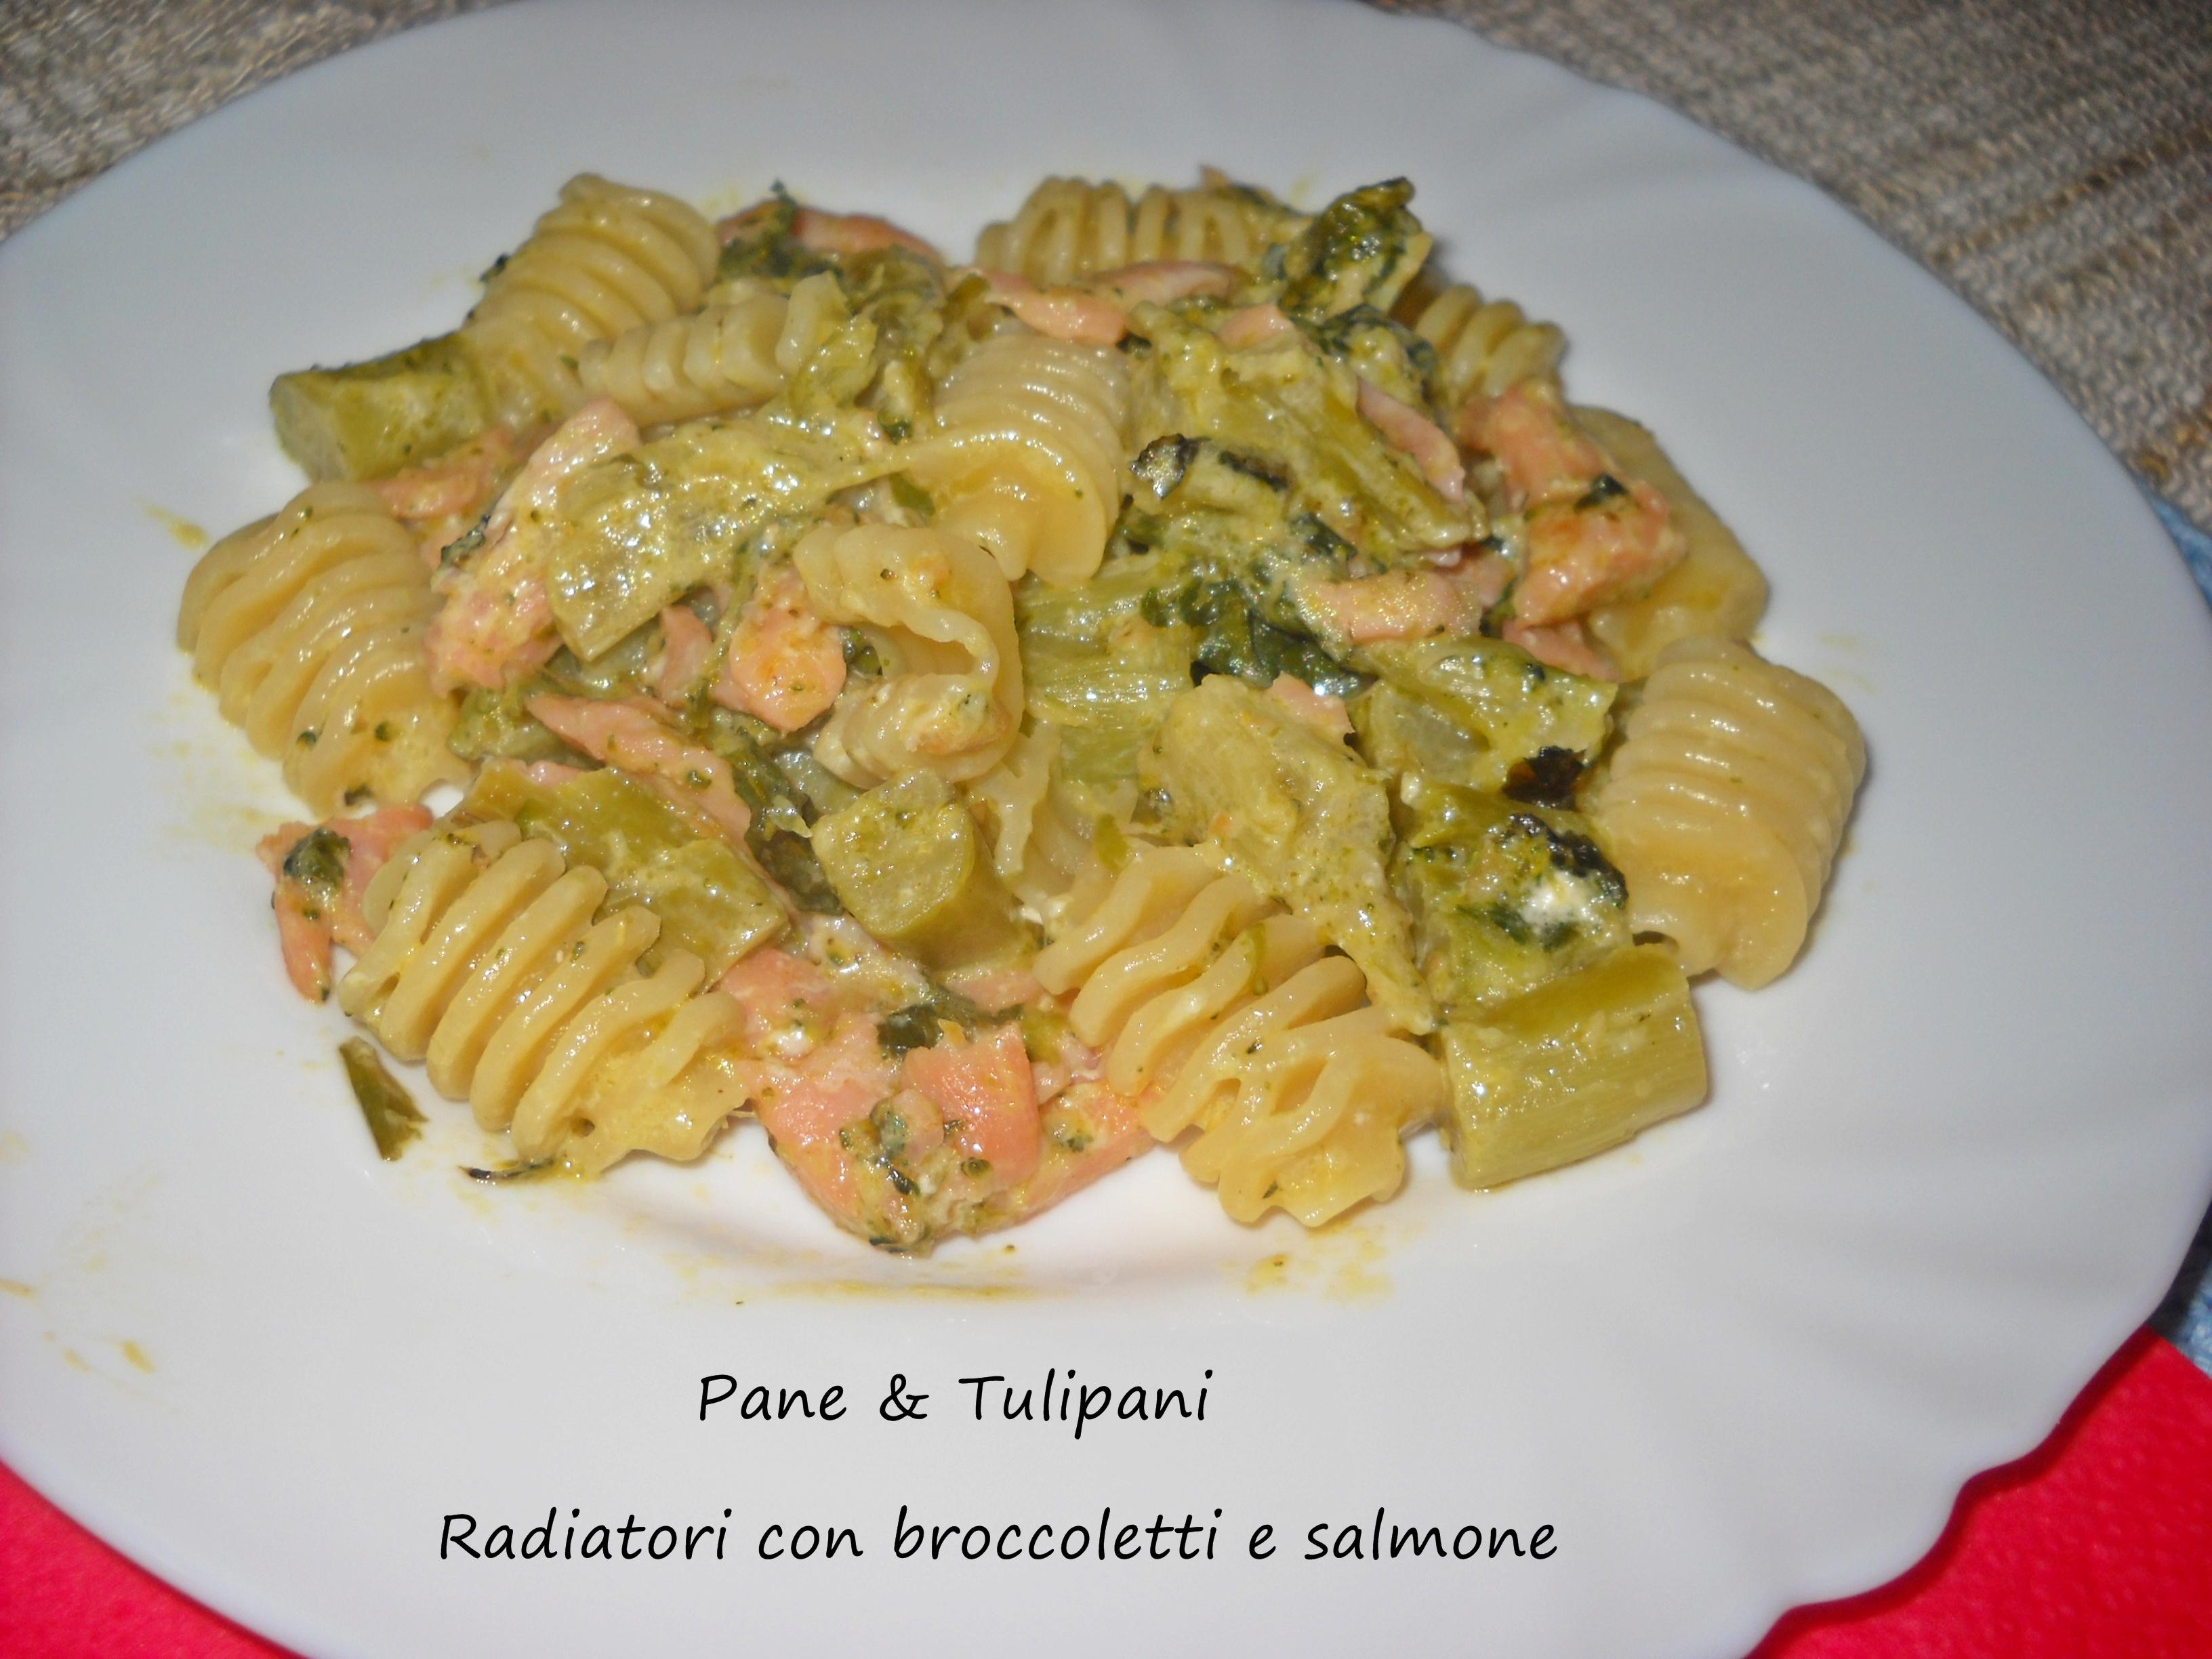 Ricerca ricette con pasta con pioppini